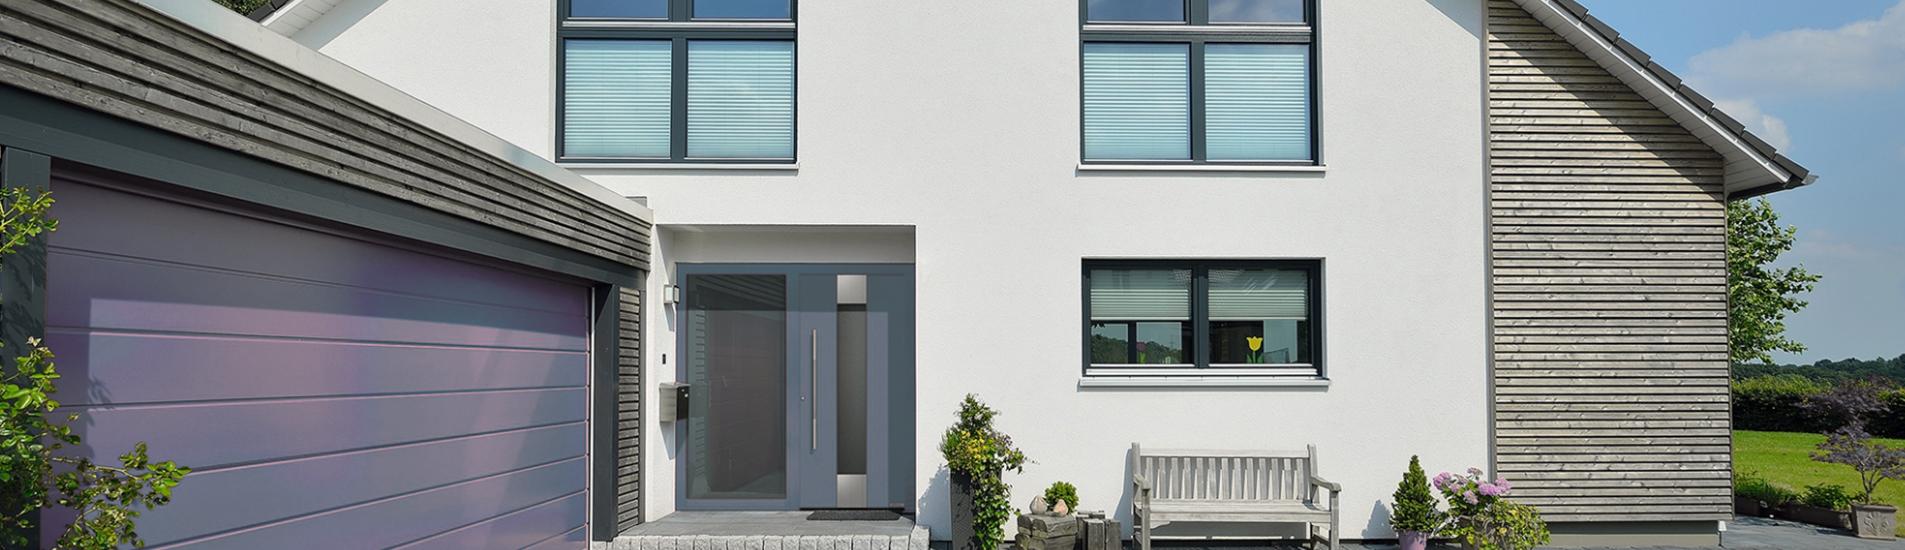 特种门窗,特种门窗厂家,特种门窗批发